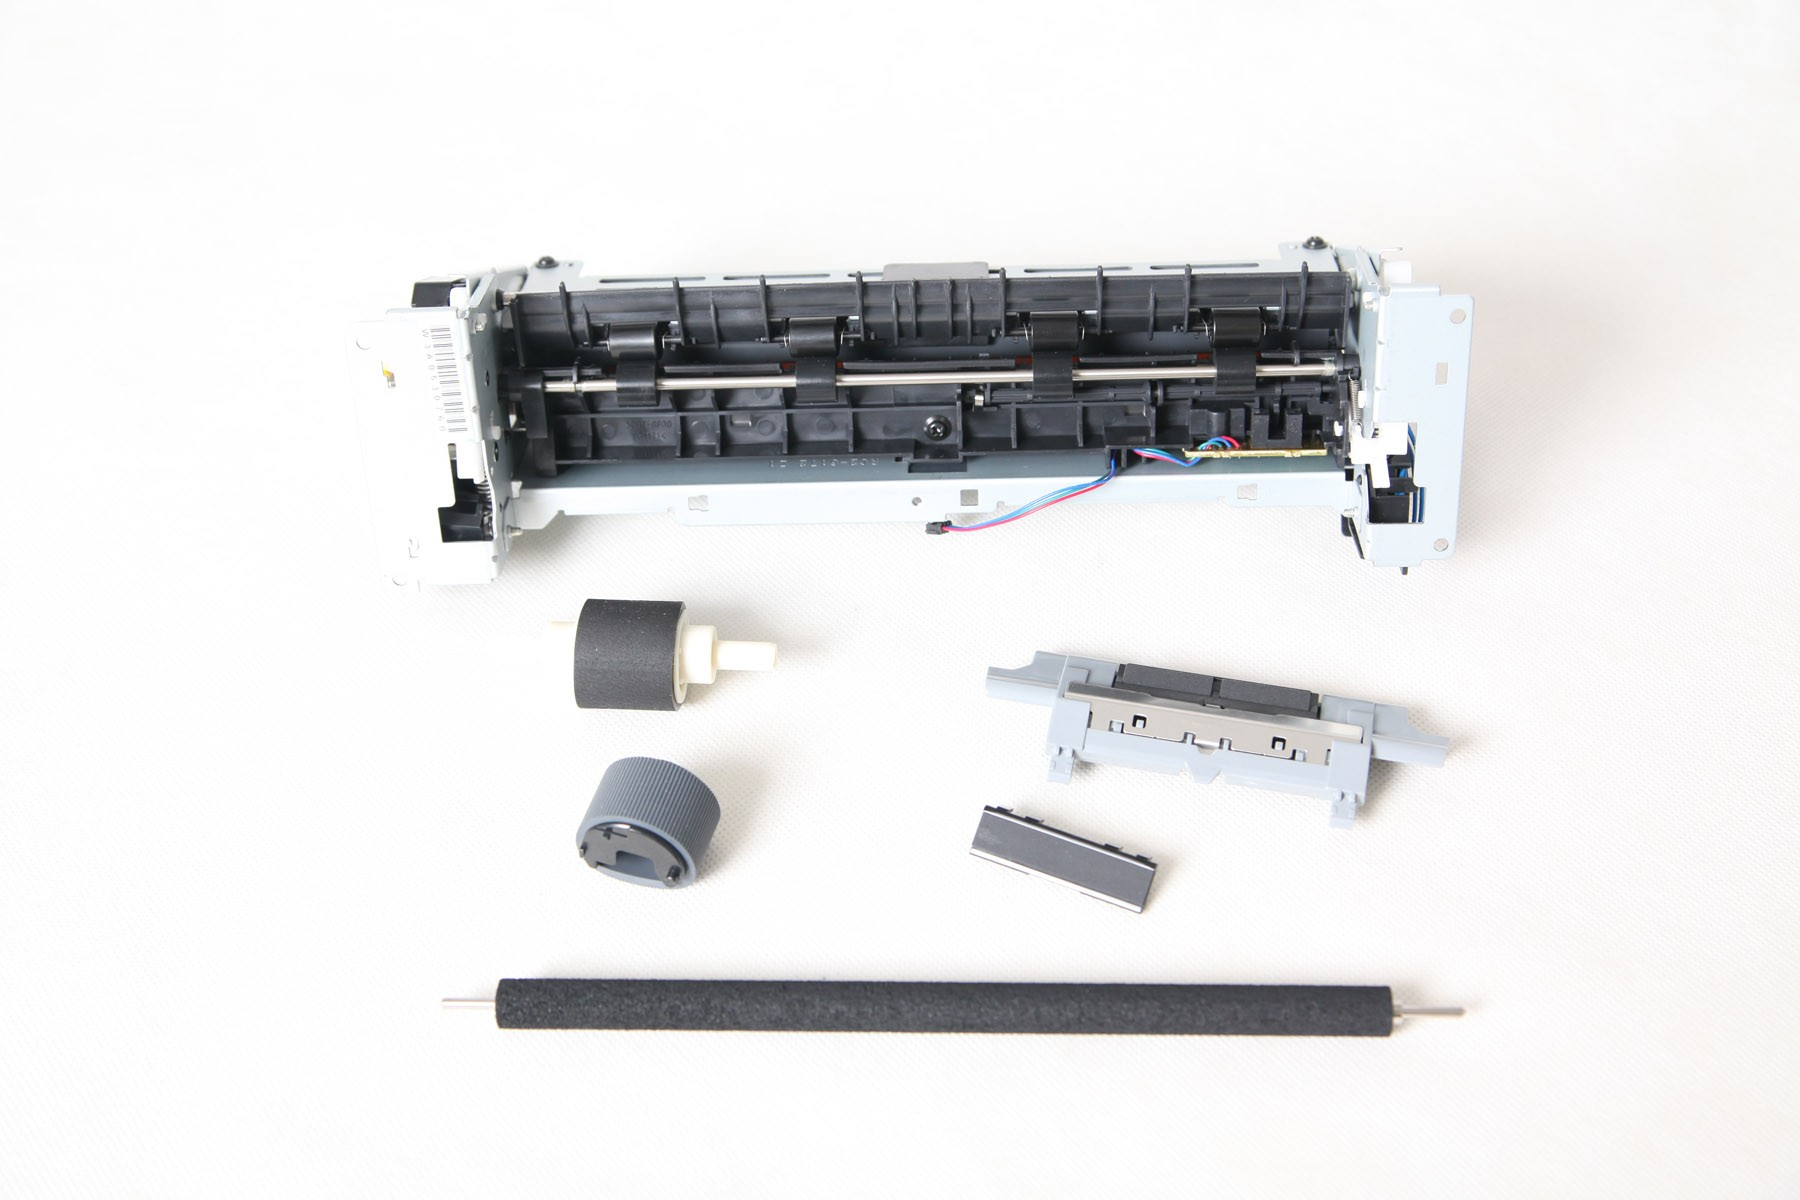 KIT-Maint-P2035   HP LaserJet P2035/P2055 Maintenance Kit Refurbished Exchange